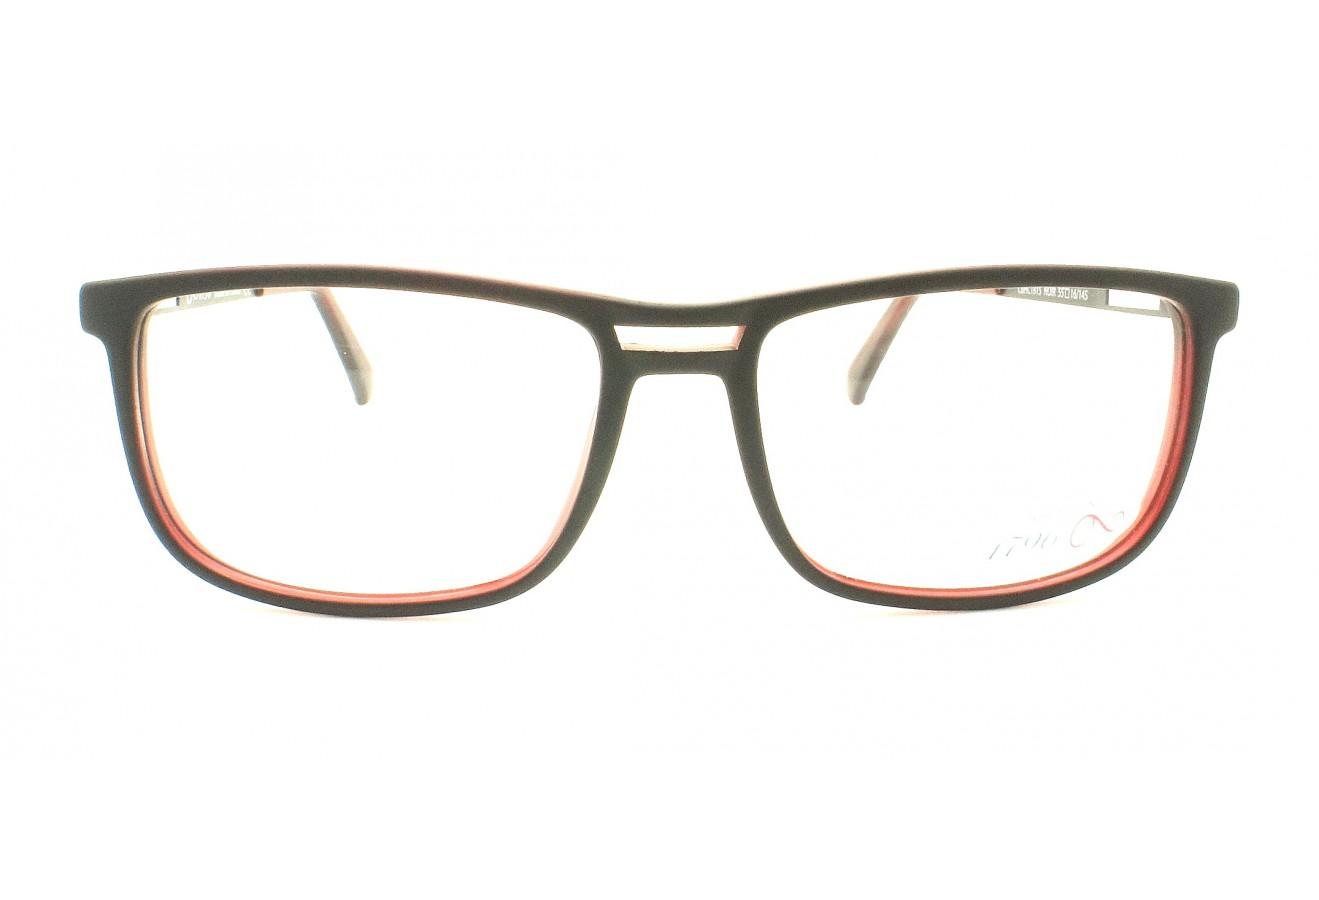 lunettes de vue 1796 cbhc1815 noir 55 16. Black Bedroom Furniture Sets. Home Design Ideas